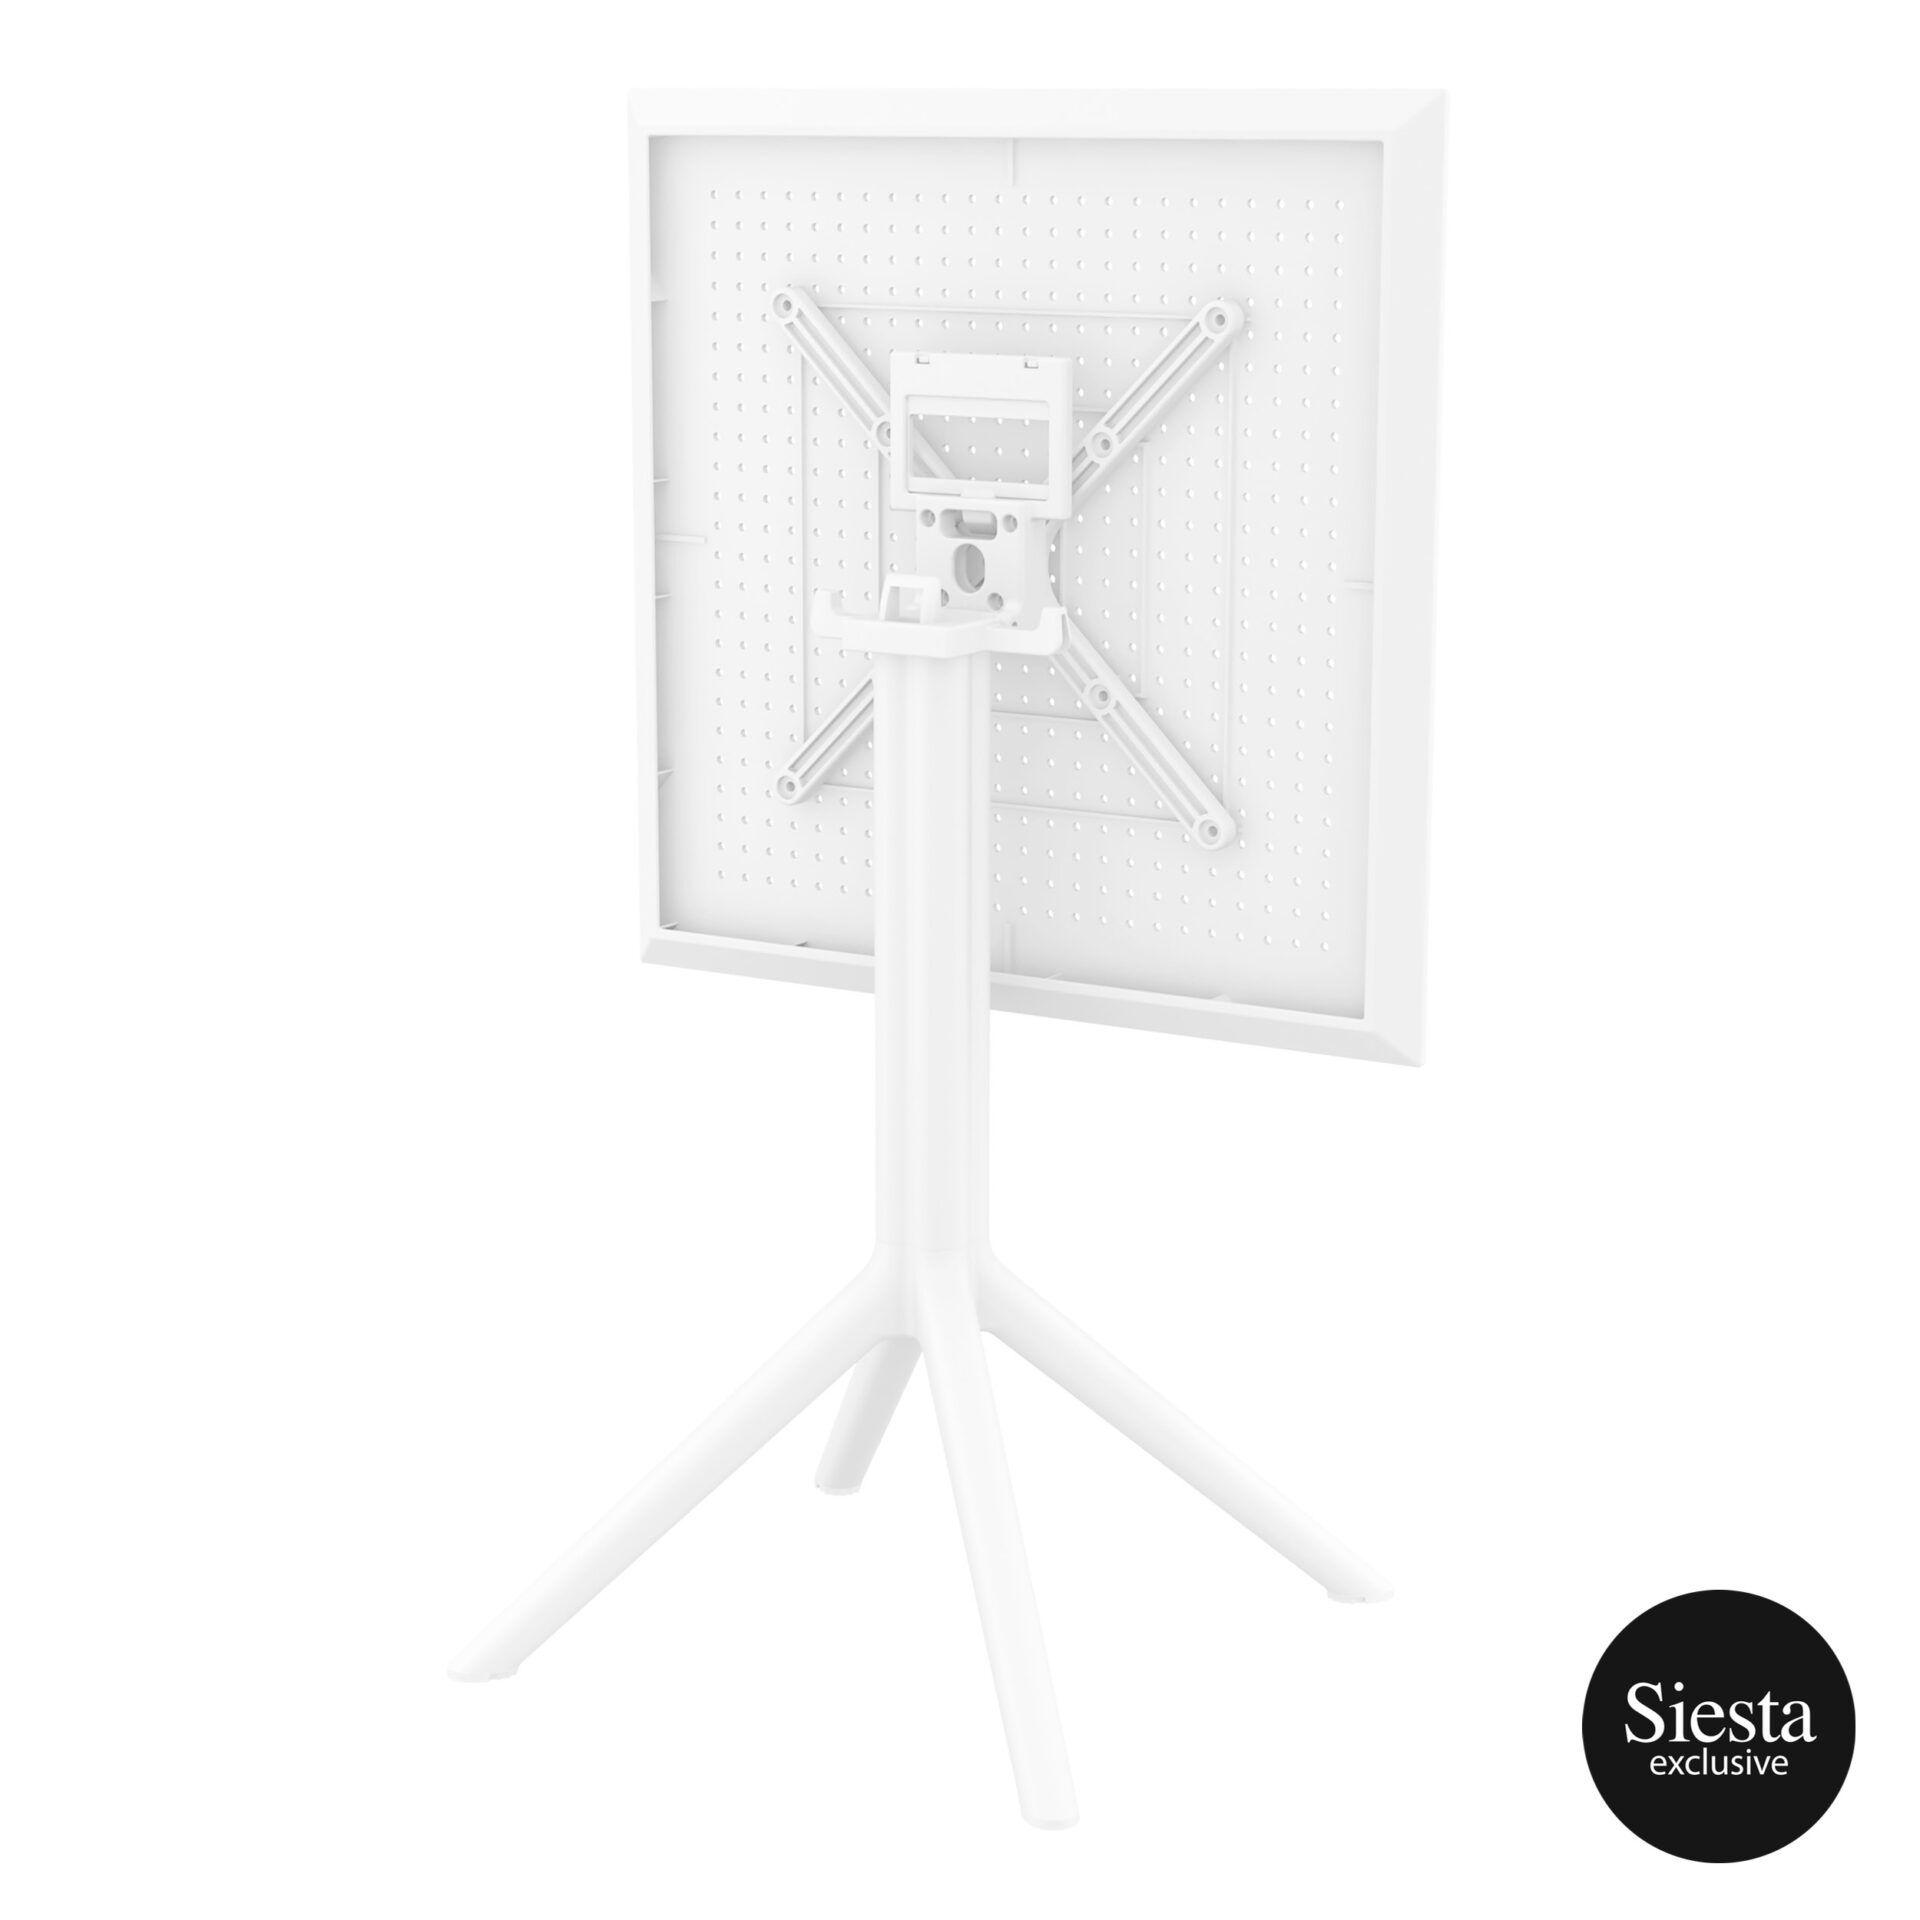 polypropylene outdoor sky folding table 60 white k back side